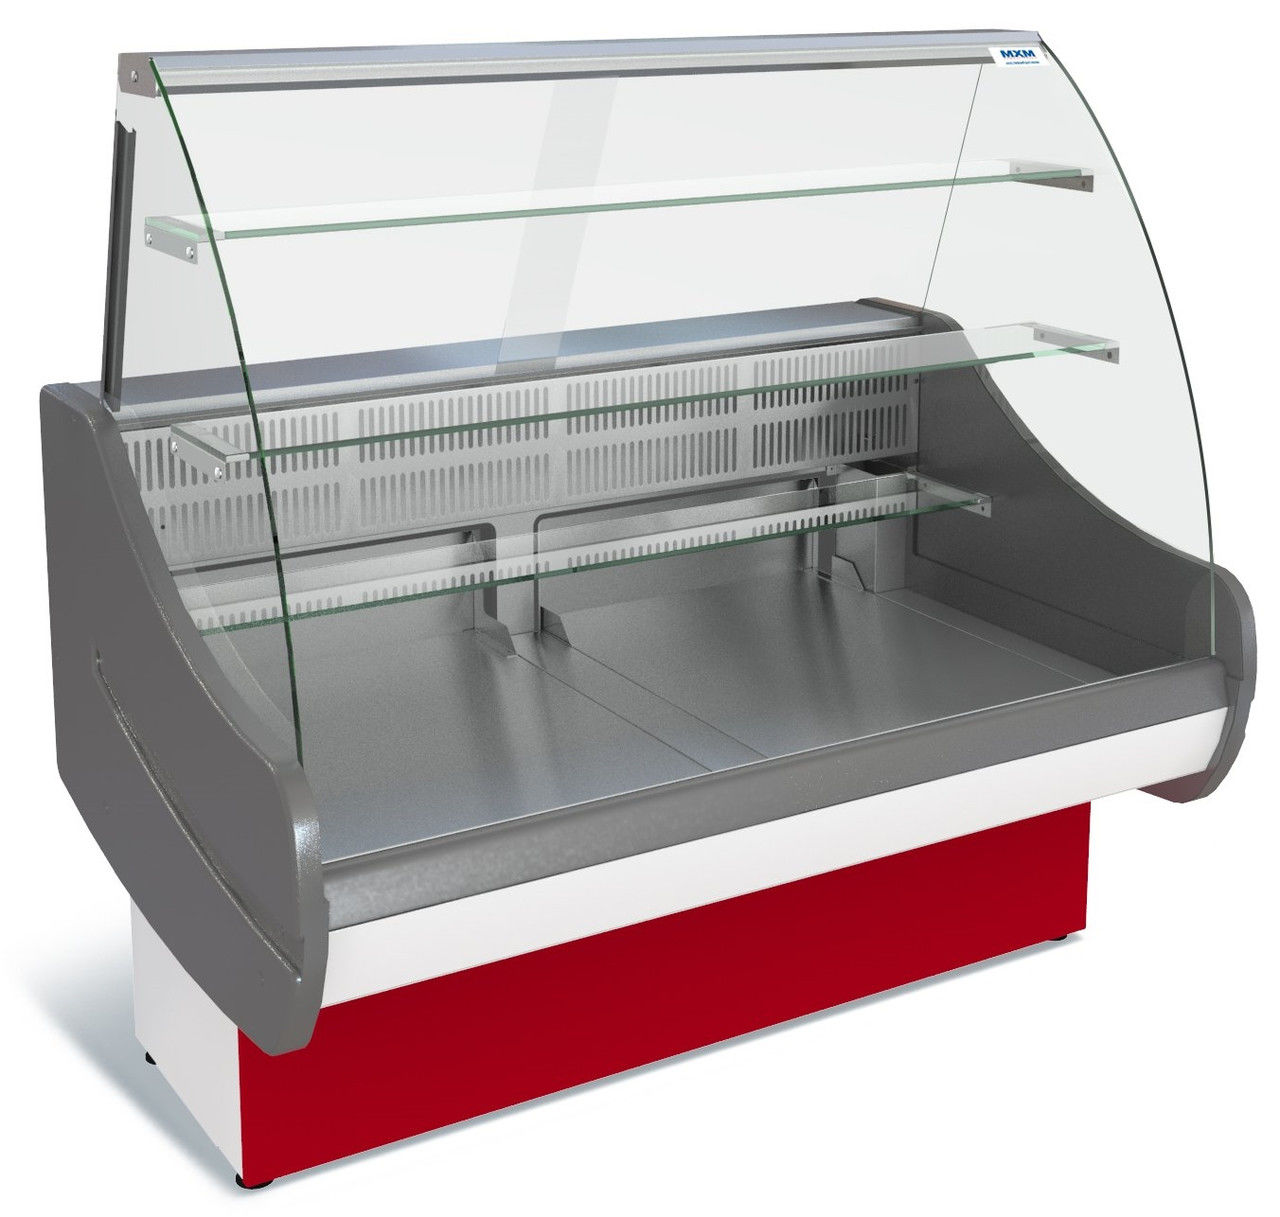 Холодильная витрина Таир 1,2 1,5 ВХСд МХМ (демонстрационная)